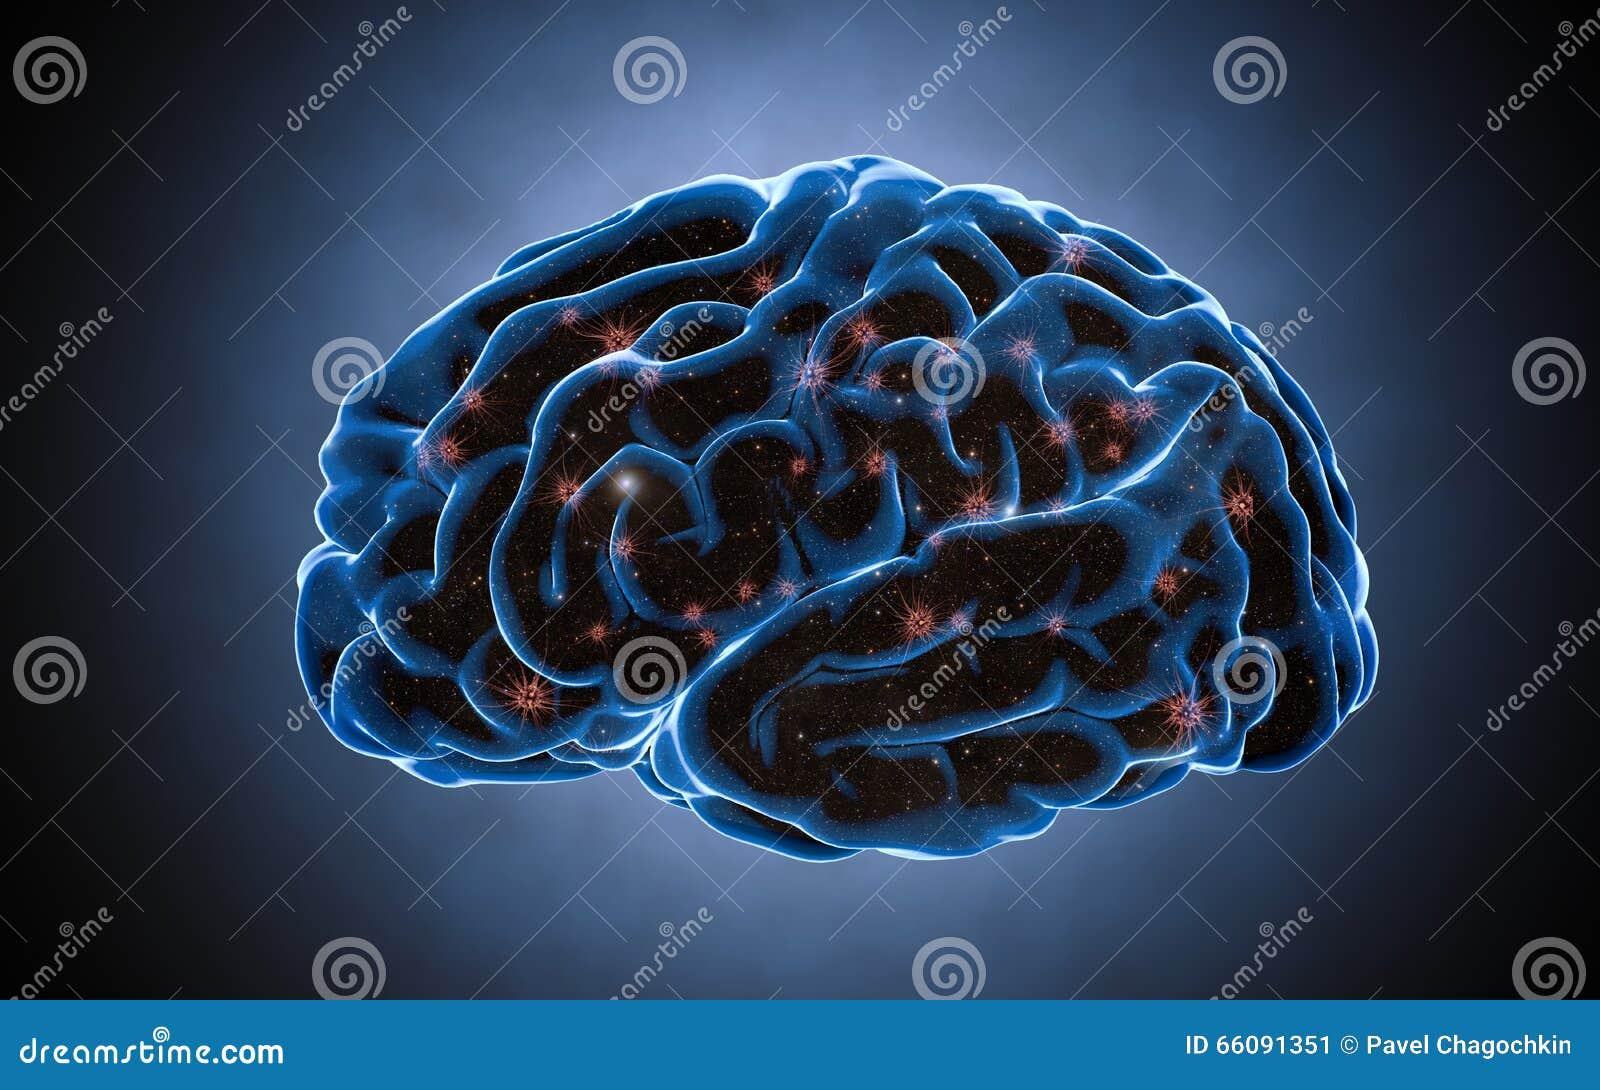 Ωθήσεις εγκεφάλου Σύστημα νευρώνων Ανθρώπινη ανατομία μεταφορά των σφυγμών και παραγωγή των πληροφοριών